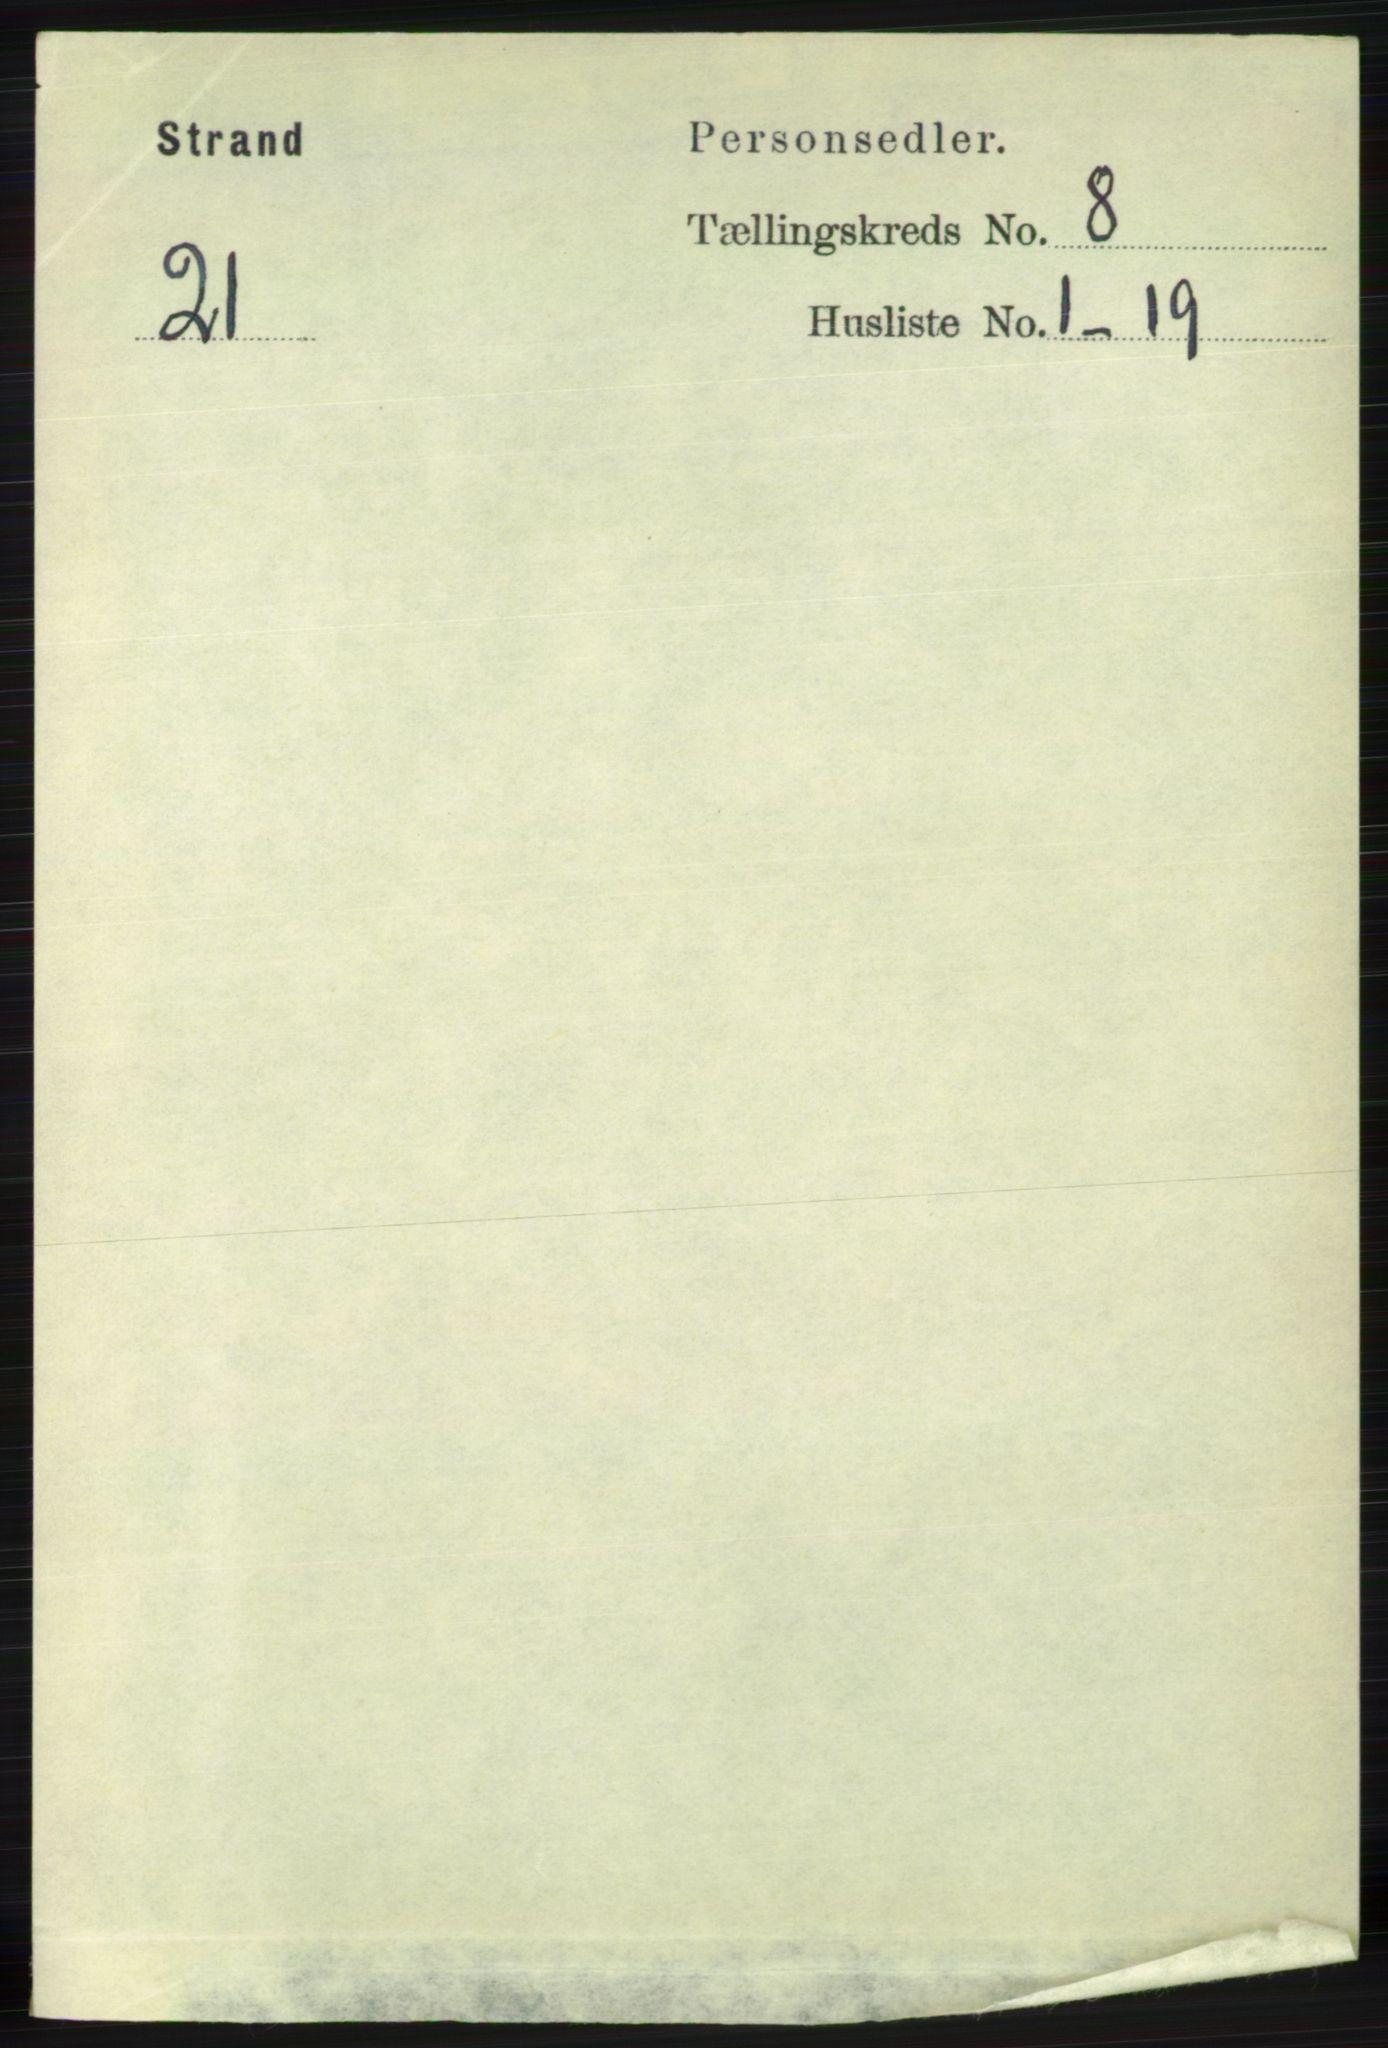 RA, Folketelling 1891 for 1130 Strand herred, 1891, s. 2501